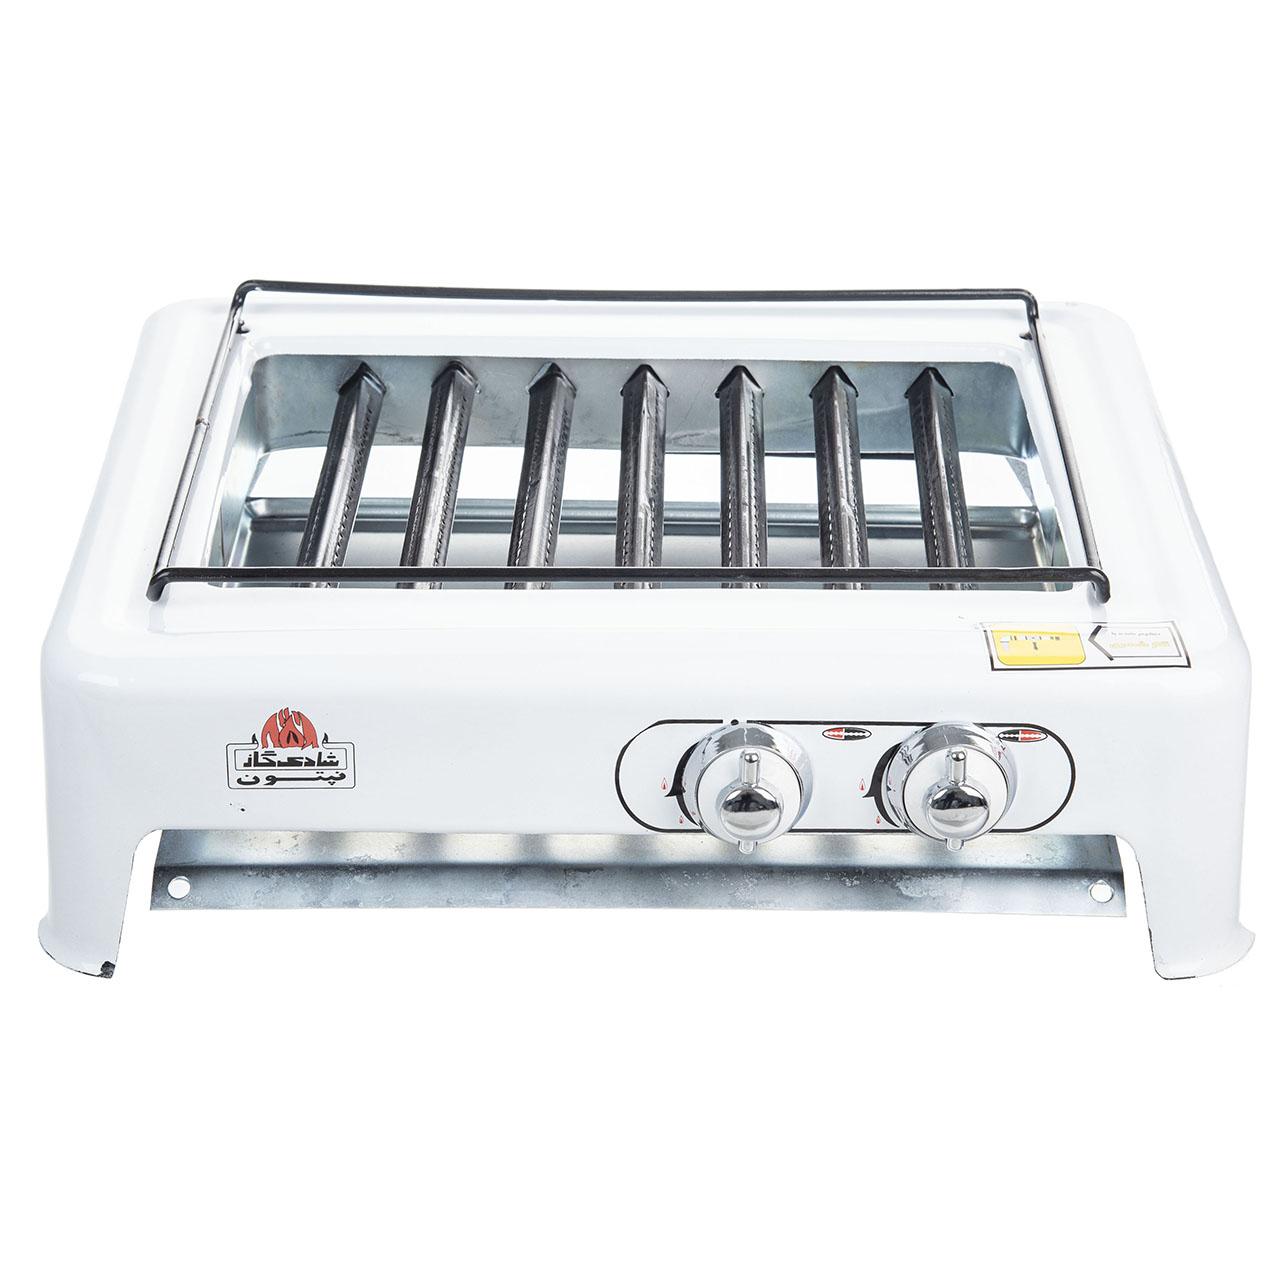 خرید اینترنتی                     کباب پز شادی گاز مدل Roya-01